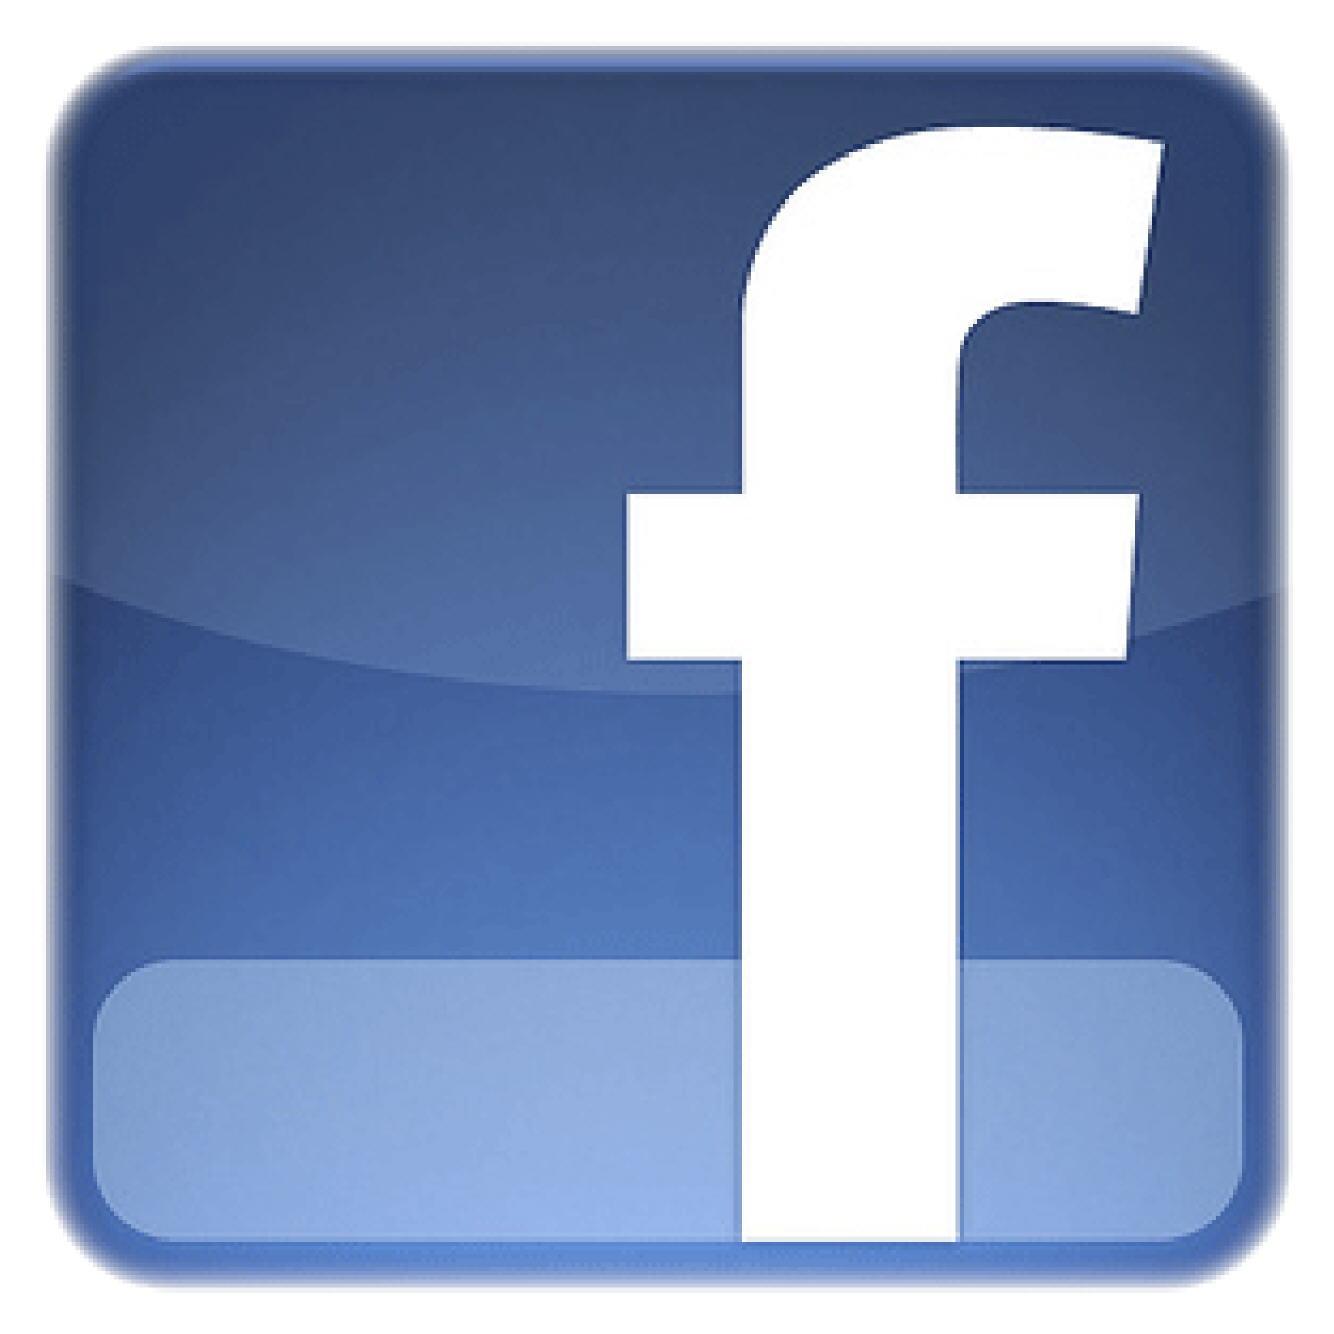 11 176 Post Iconos En Facebook